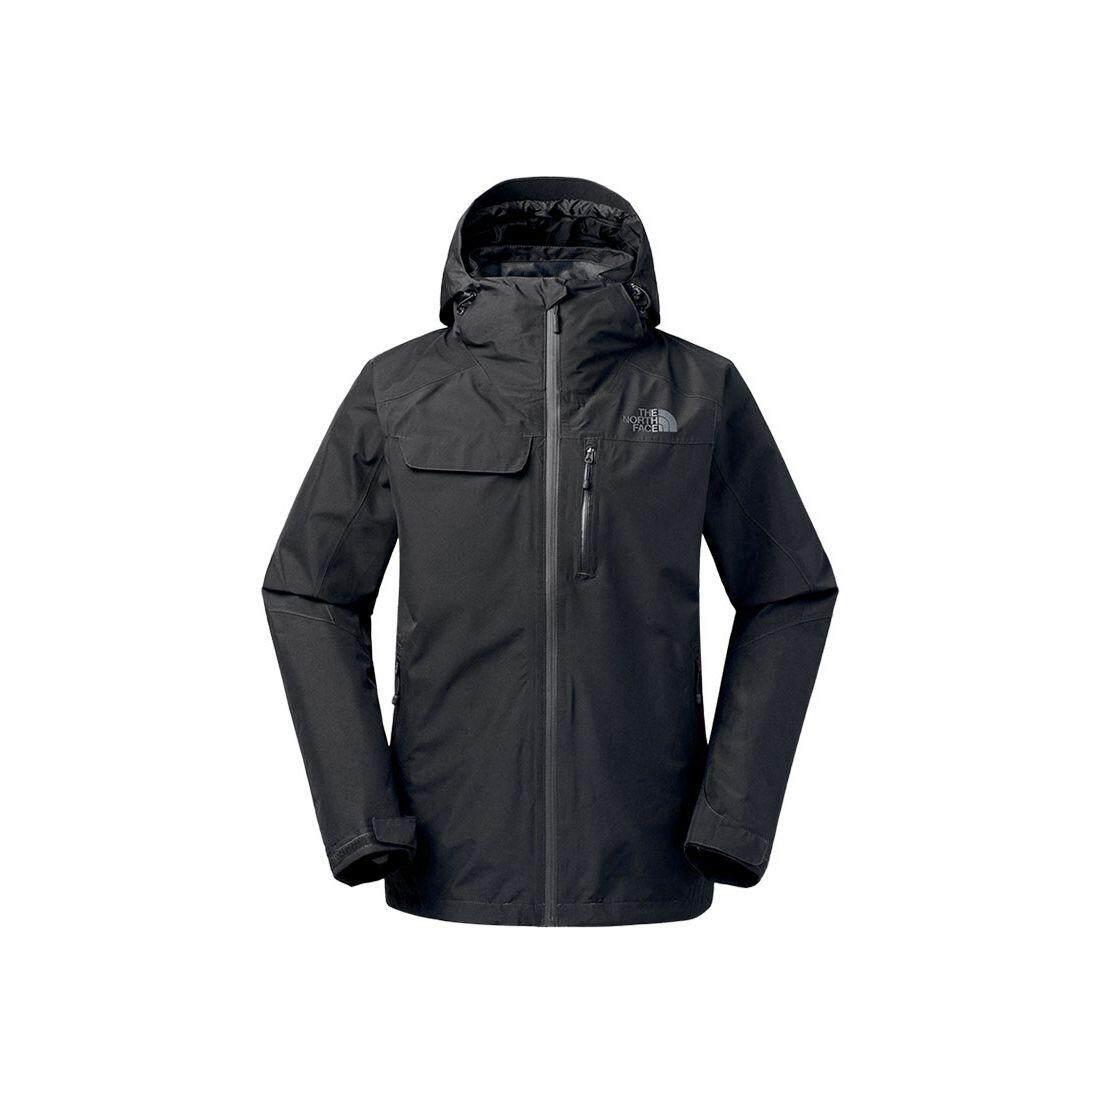 Men S Jackets Coats Buy Men S Jackets Coats At Best Price In